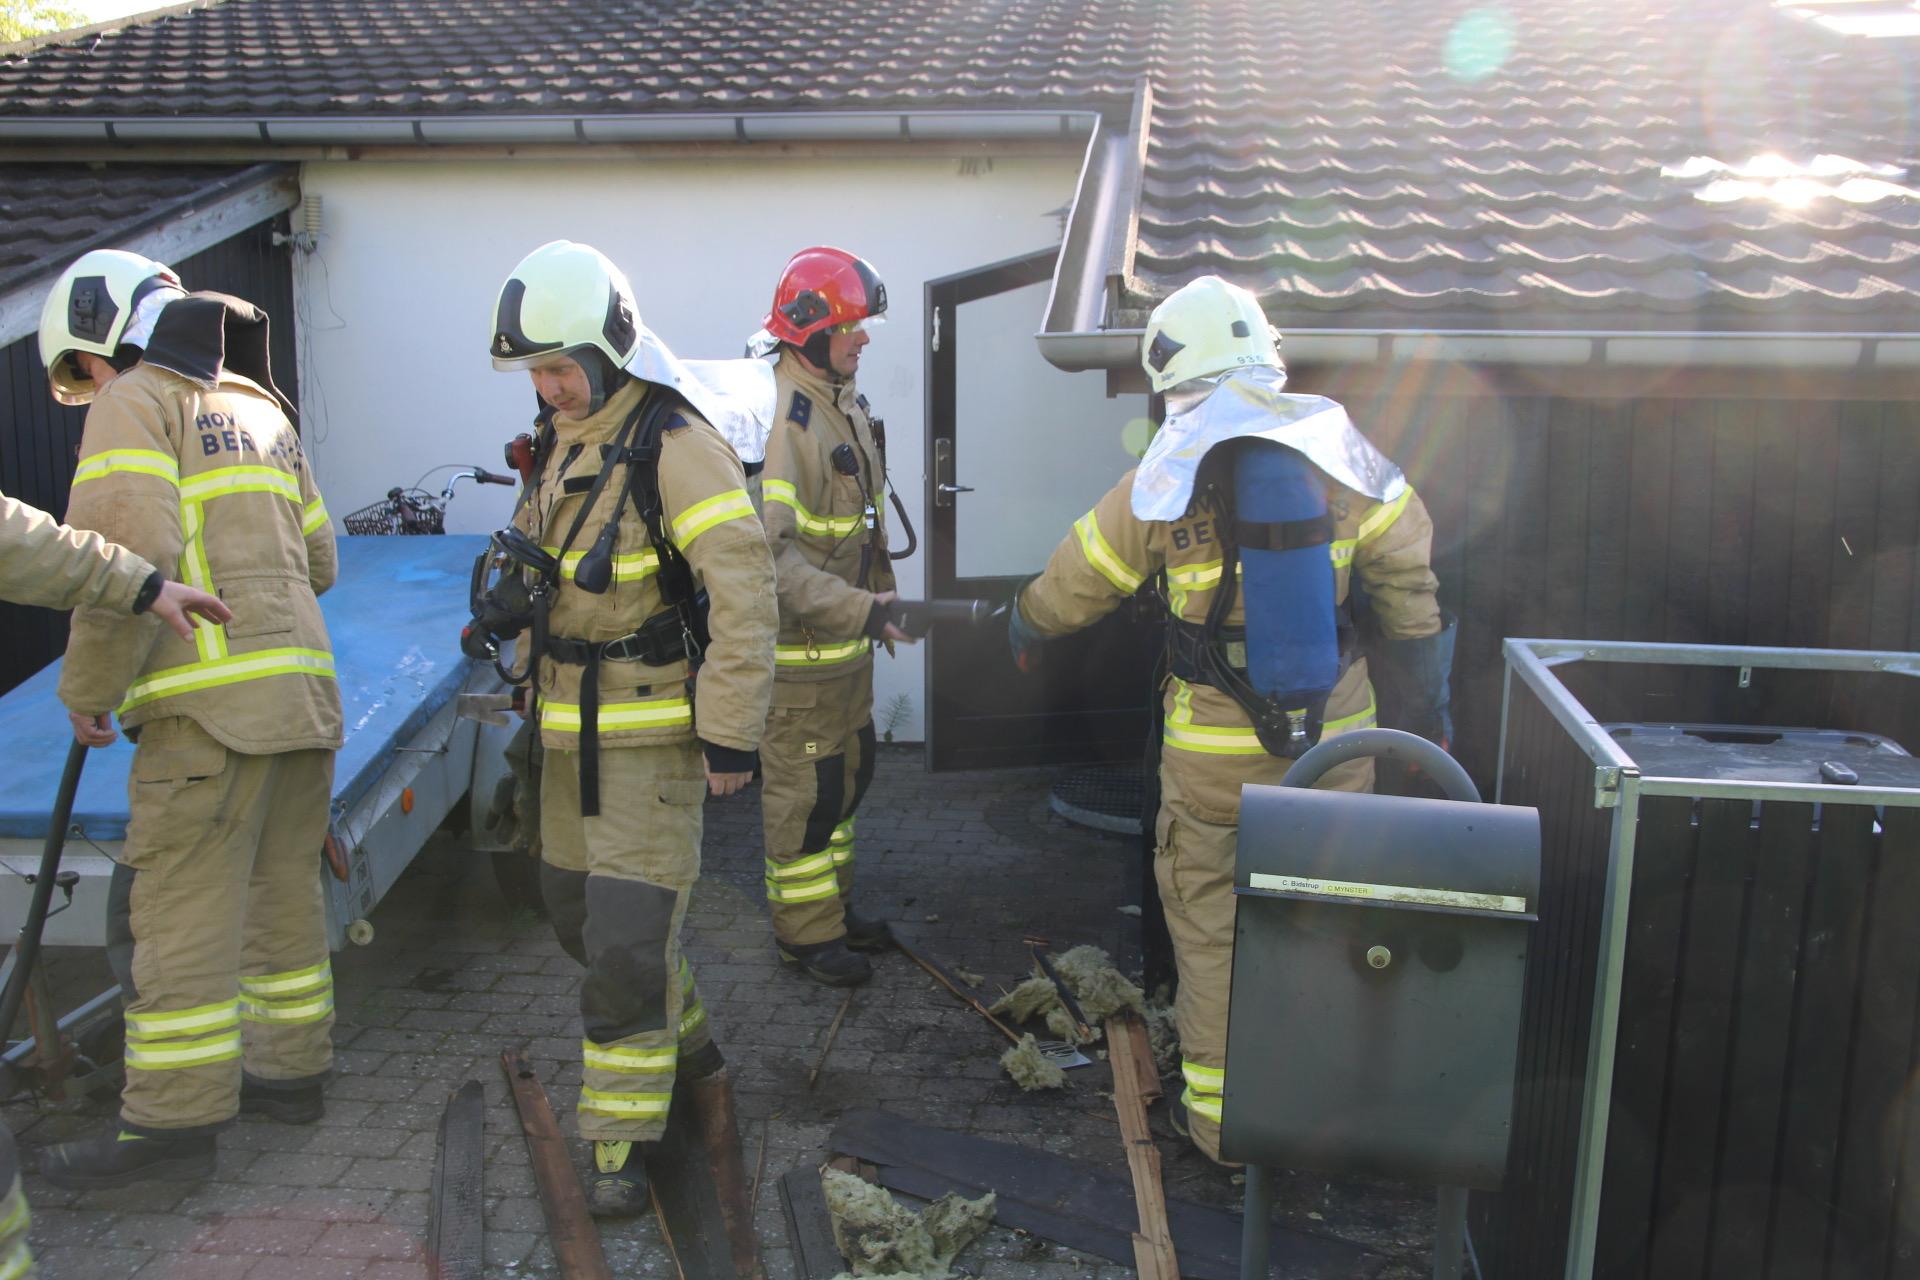 Bygningsbrand i Rødovre - Startet af ukrudtsbrænder